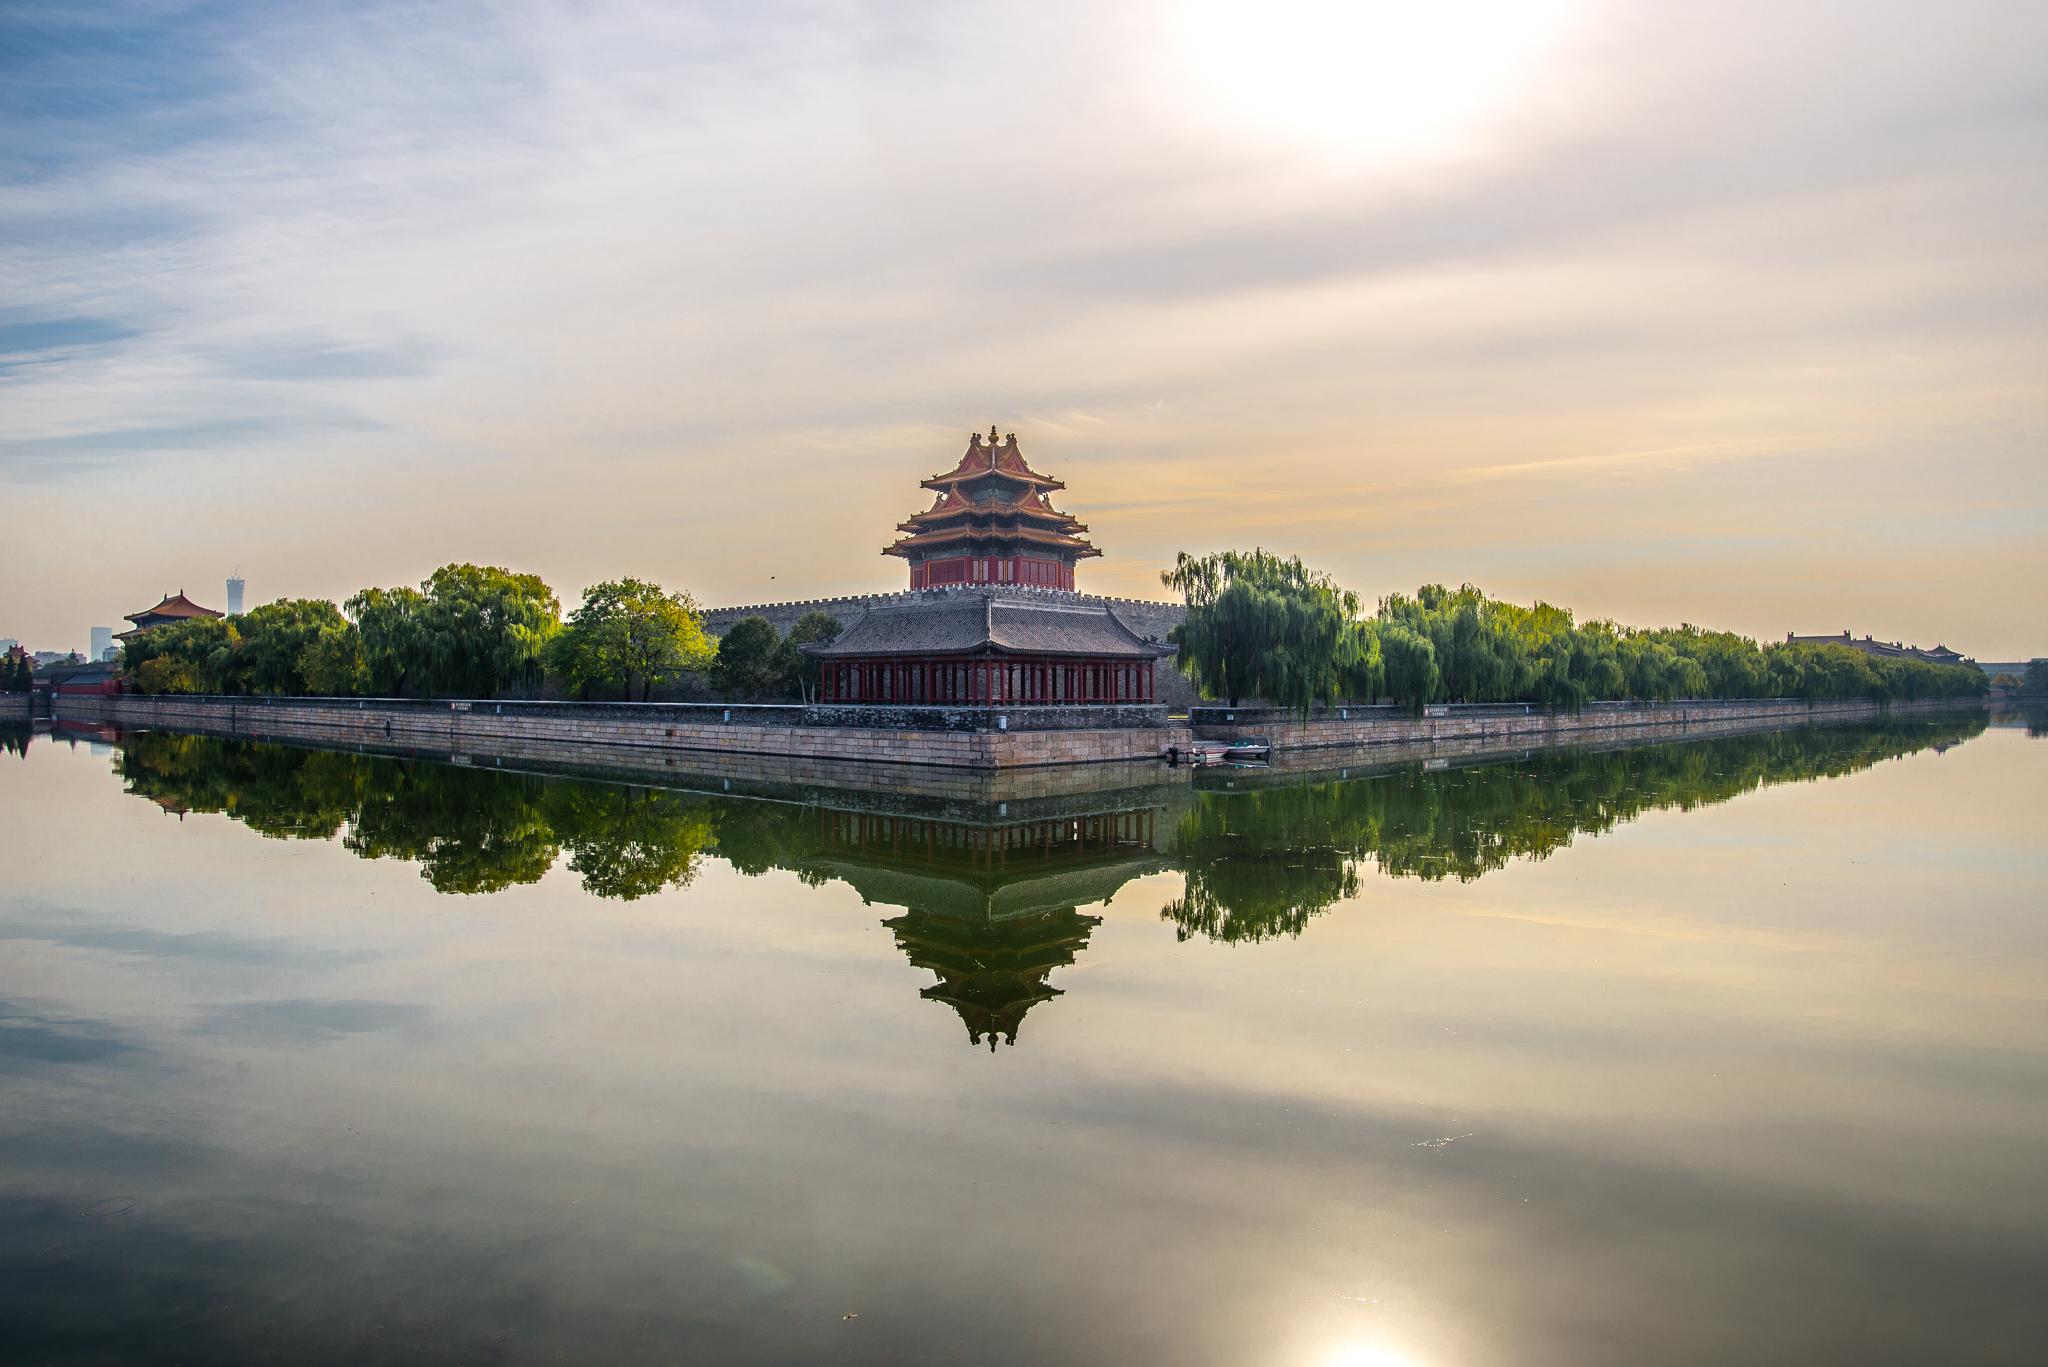 Forbidden City Walls